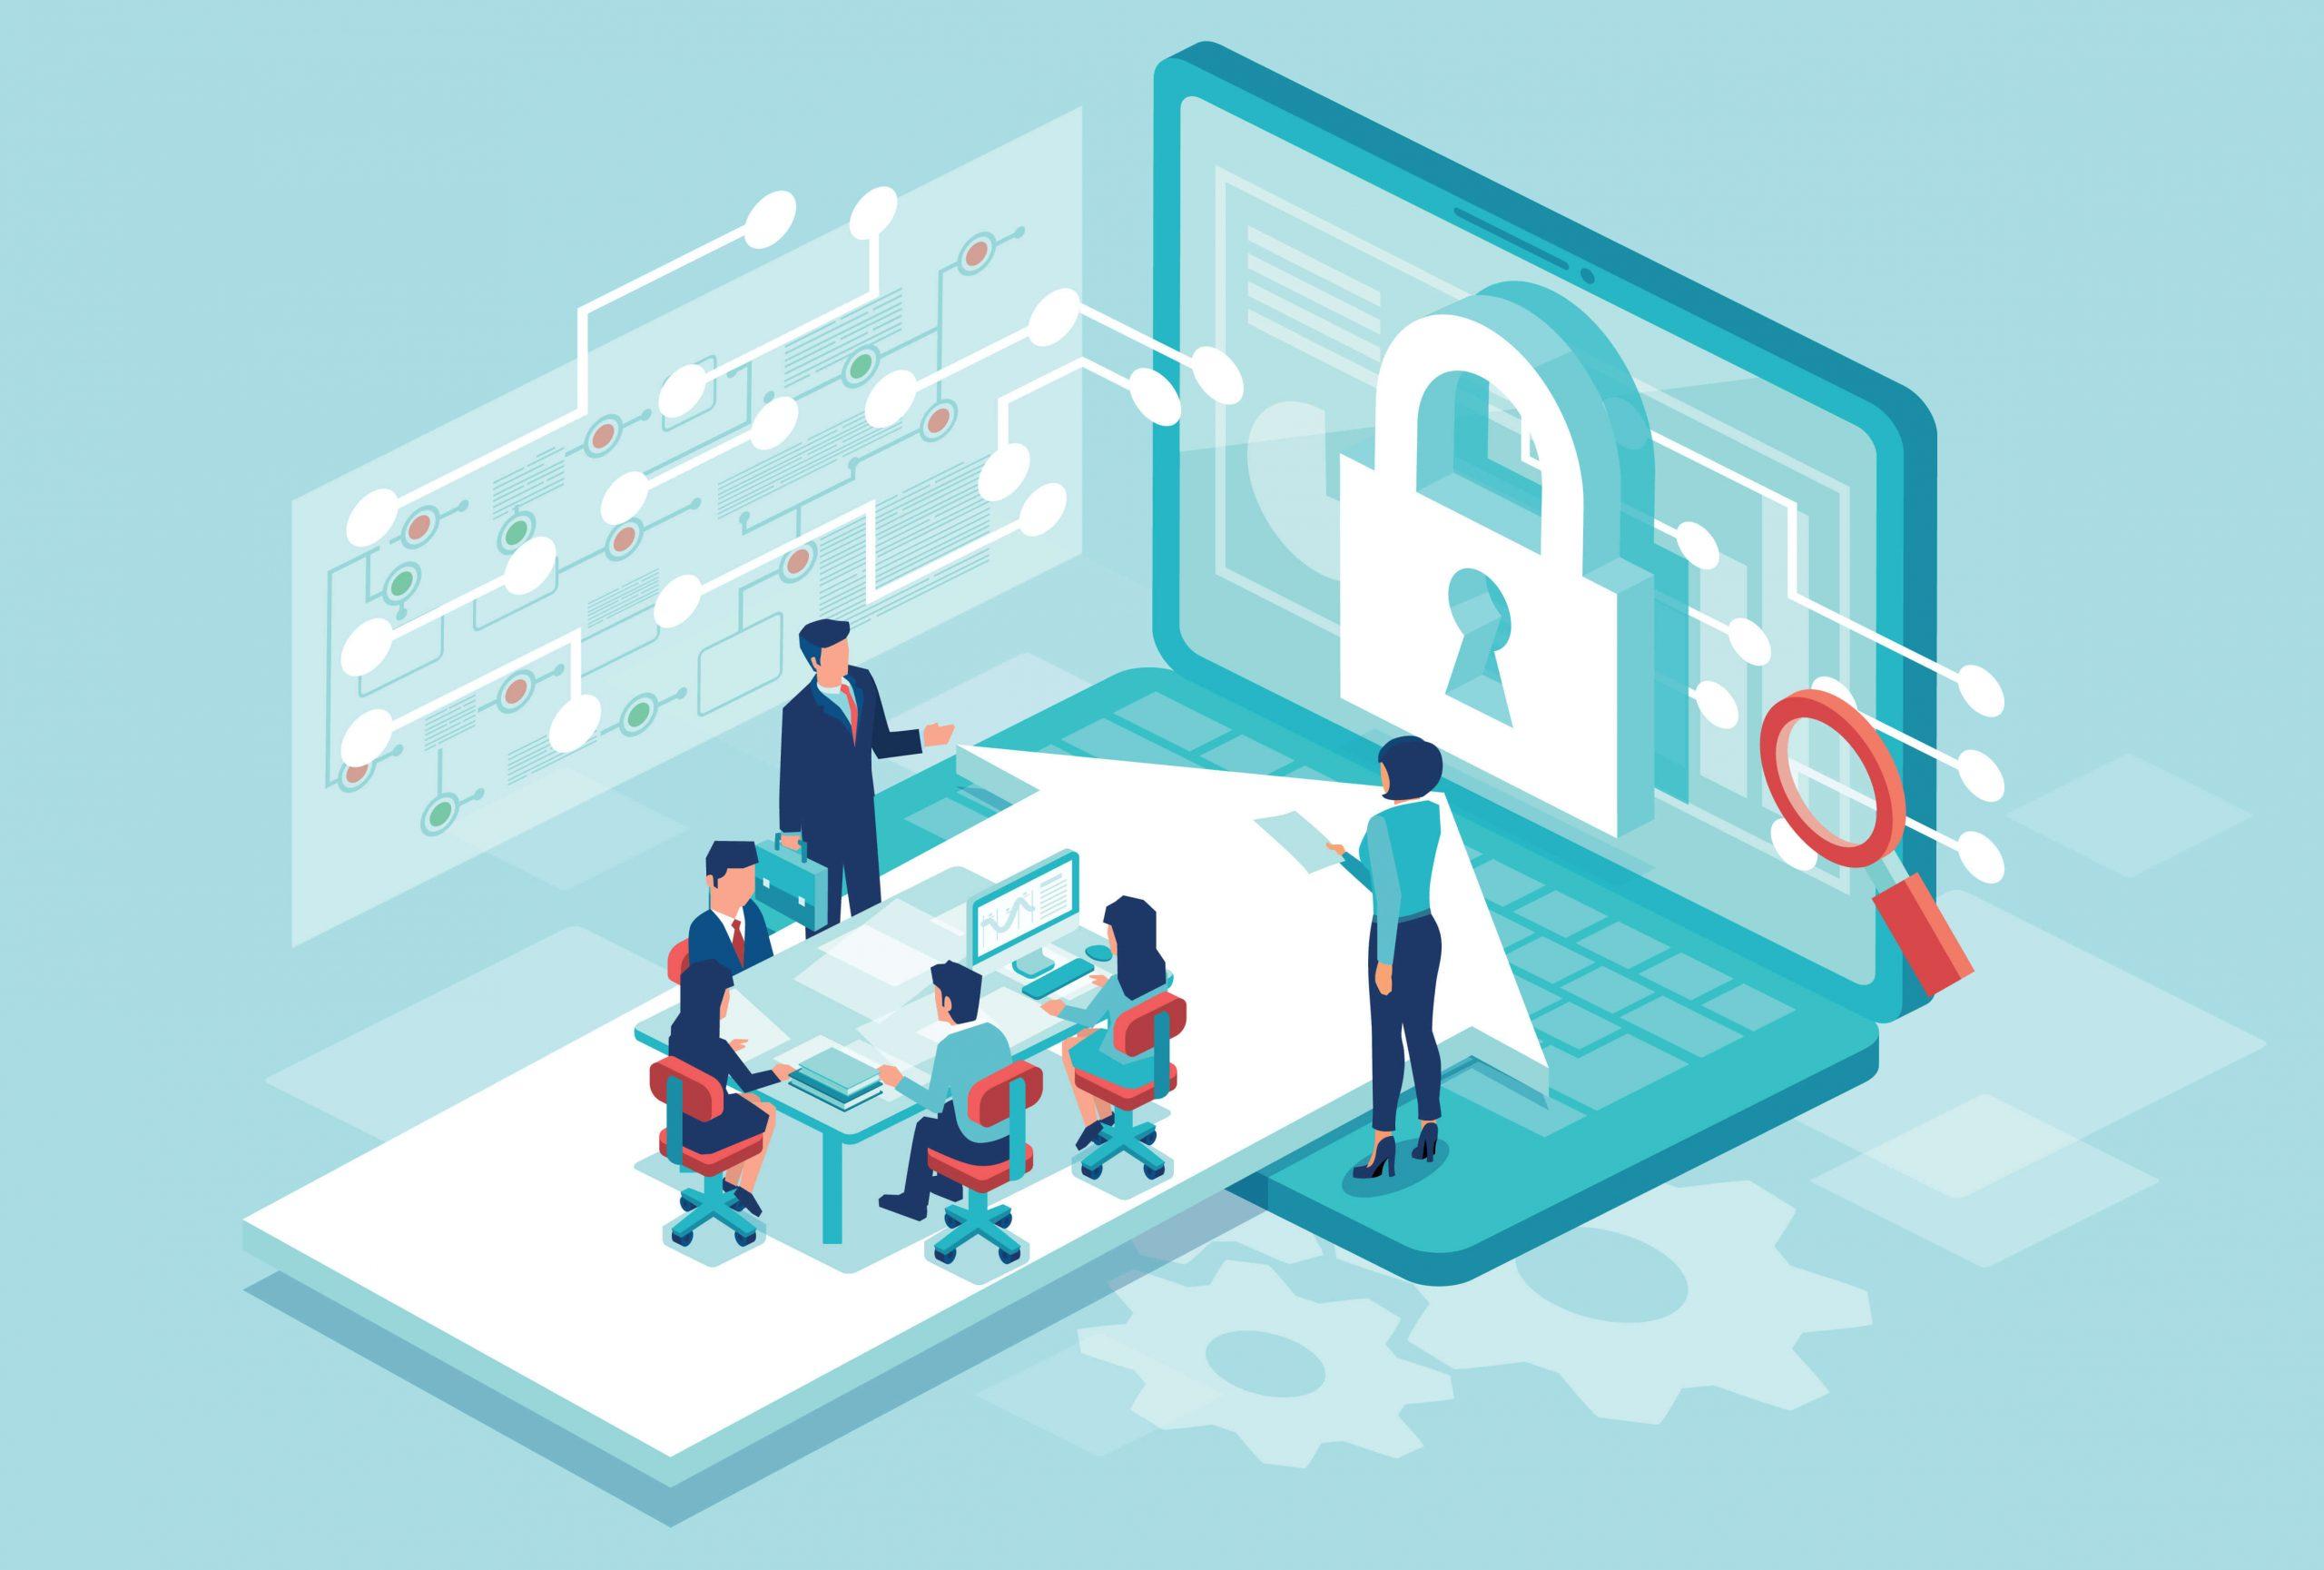 中小企業のデータ管理は厳重に!注意すべきポイントを徹底解説